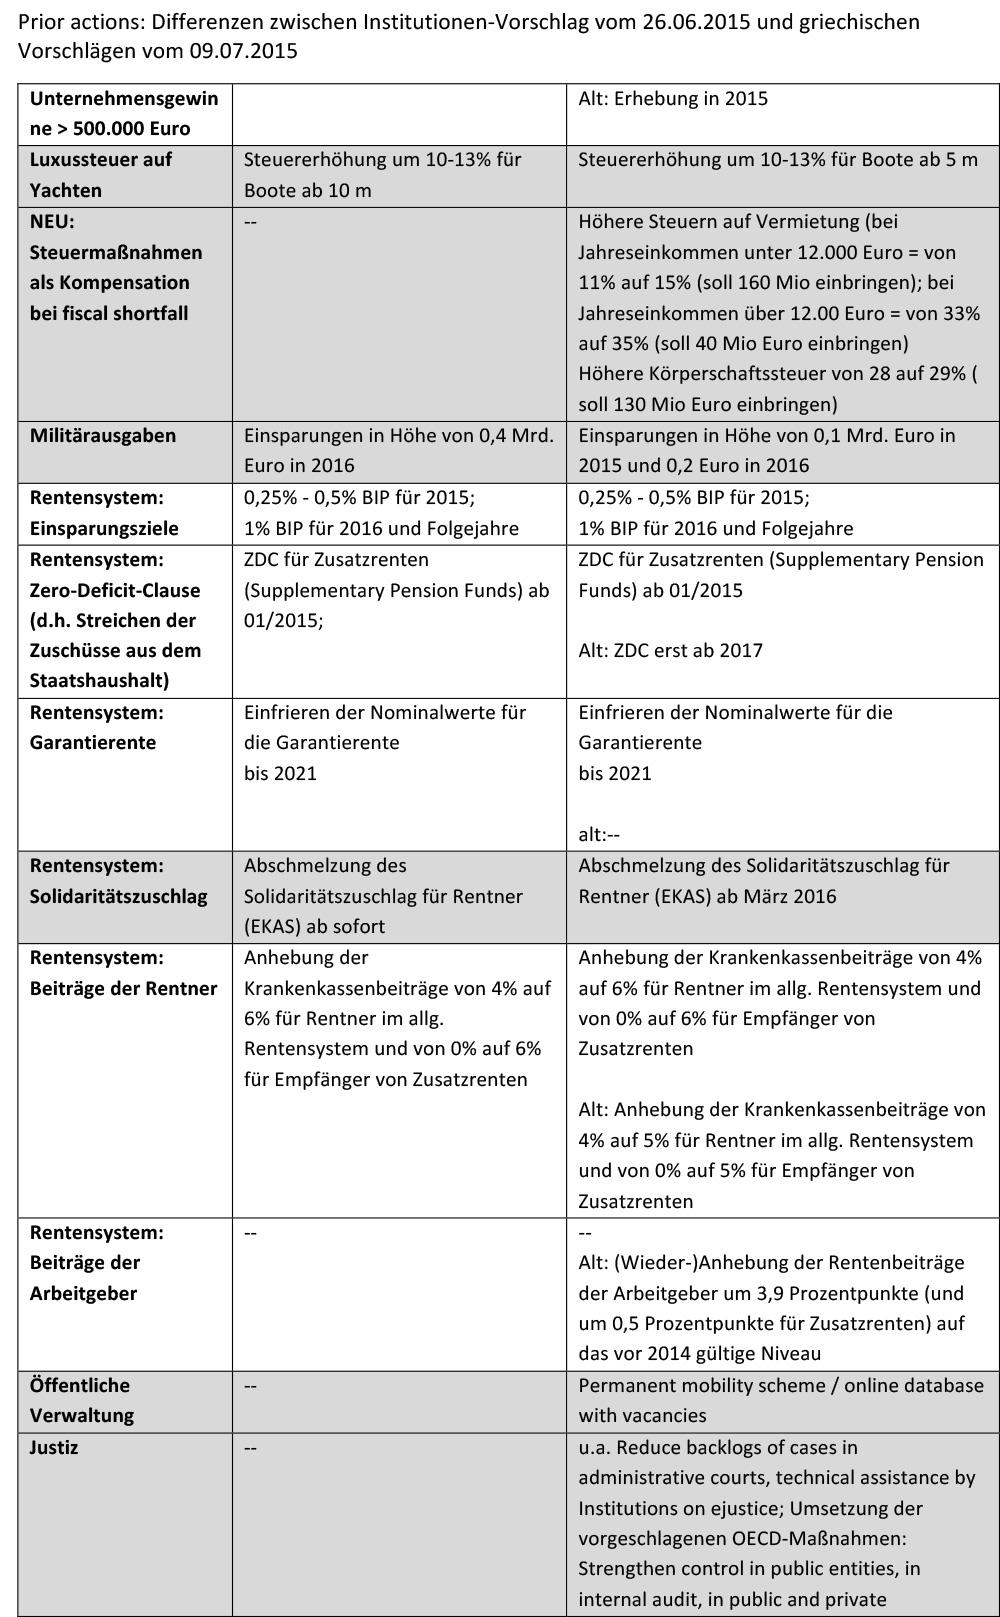 150710_prior-actions_Differenzen_Institutionen_Griechenland-2